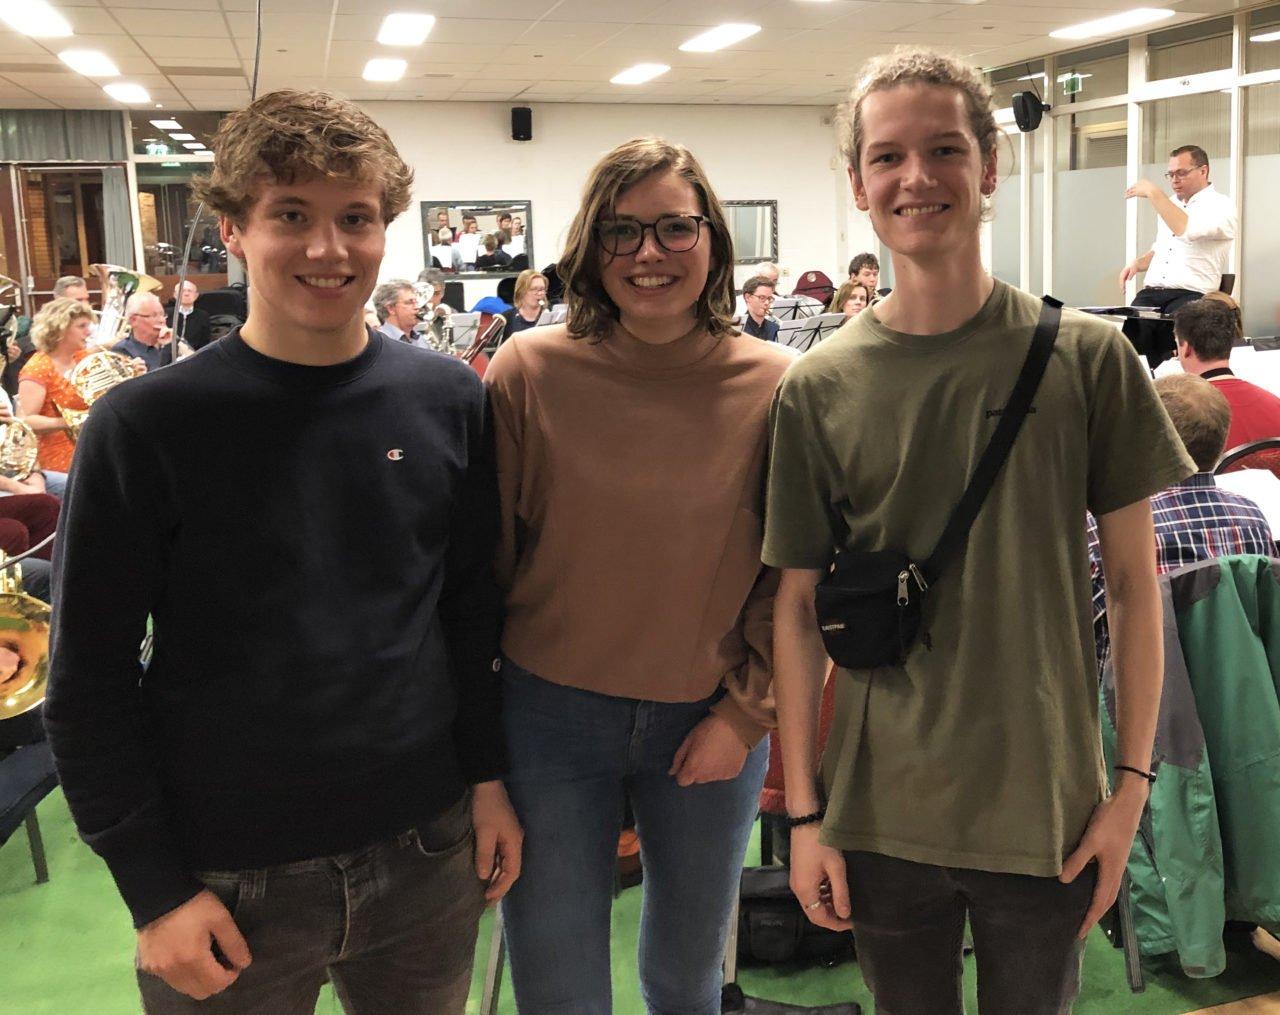 Maurits, Bruni en Jasper bij repetitie Philips Harmonie